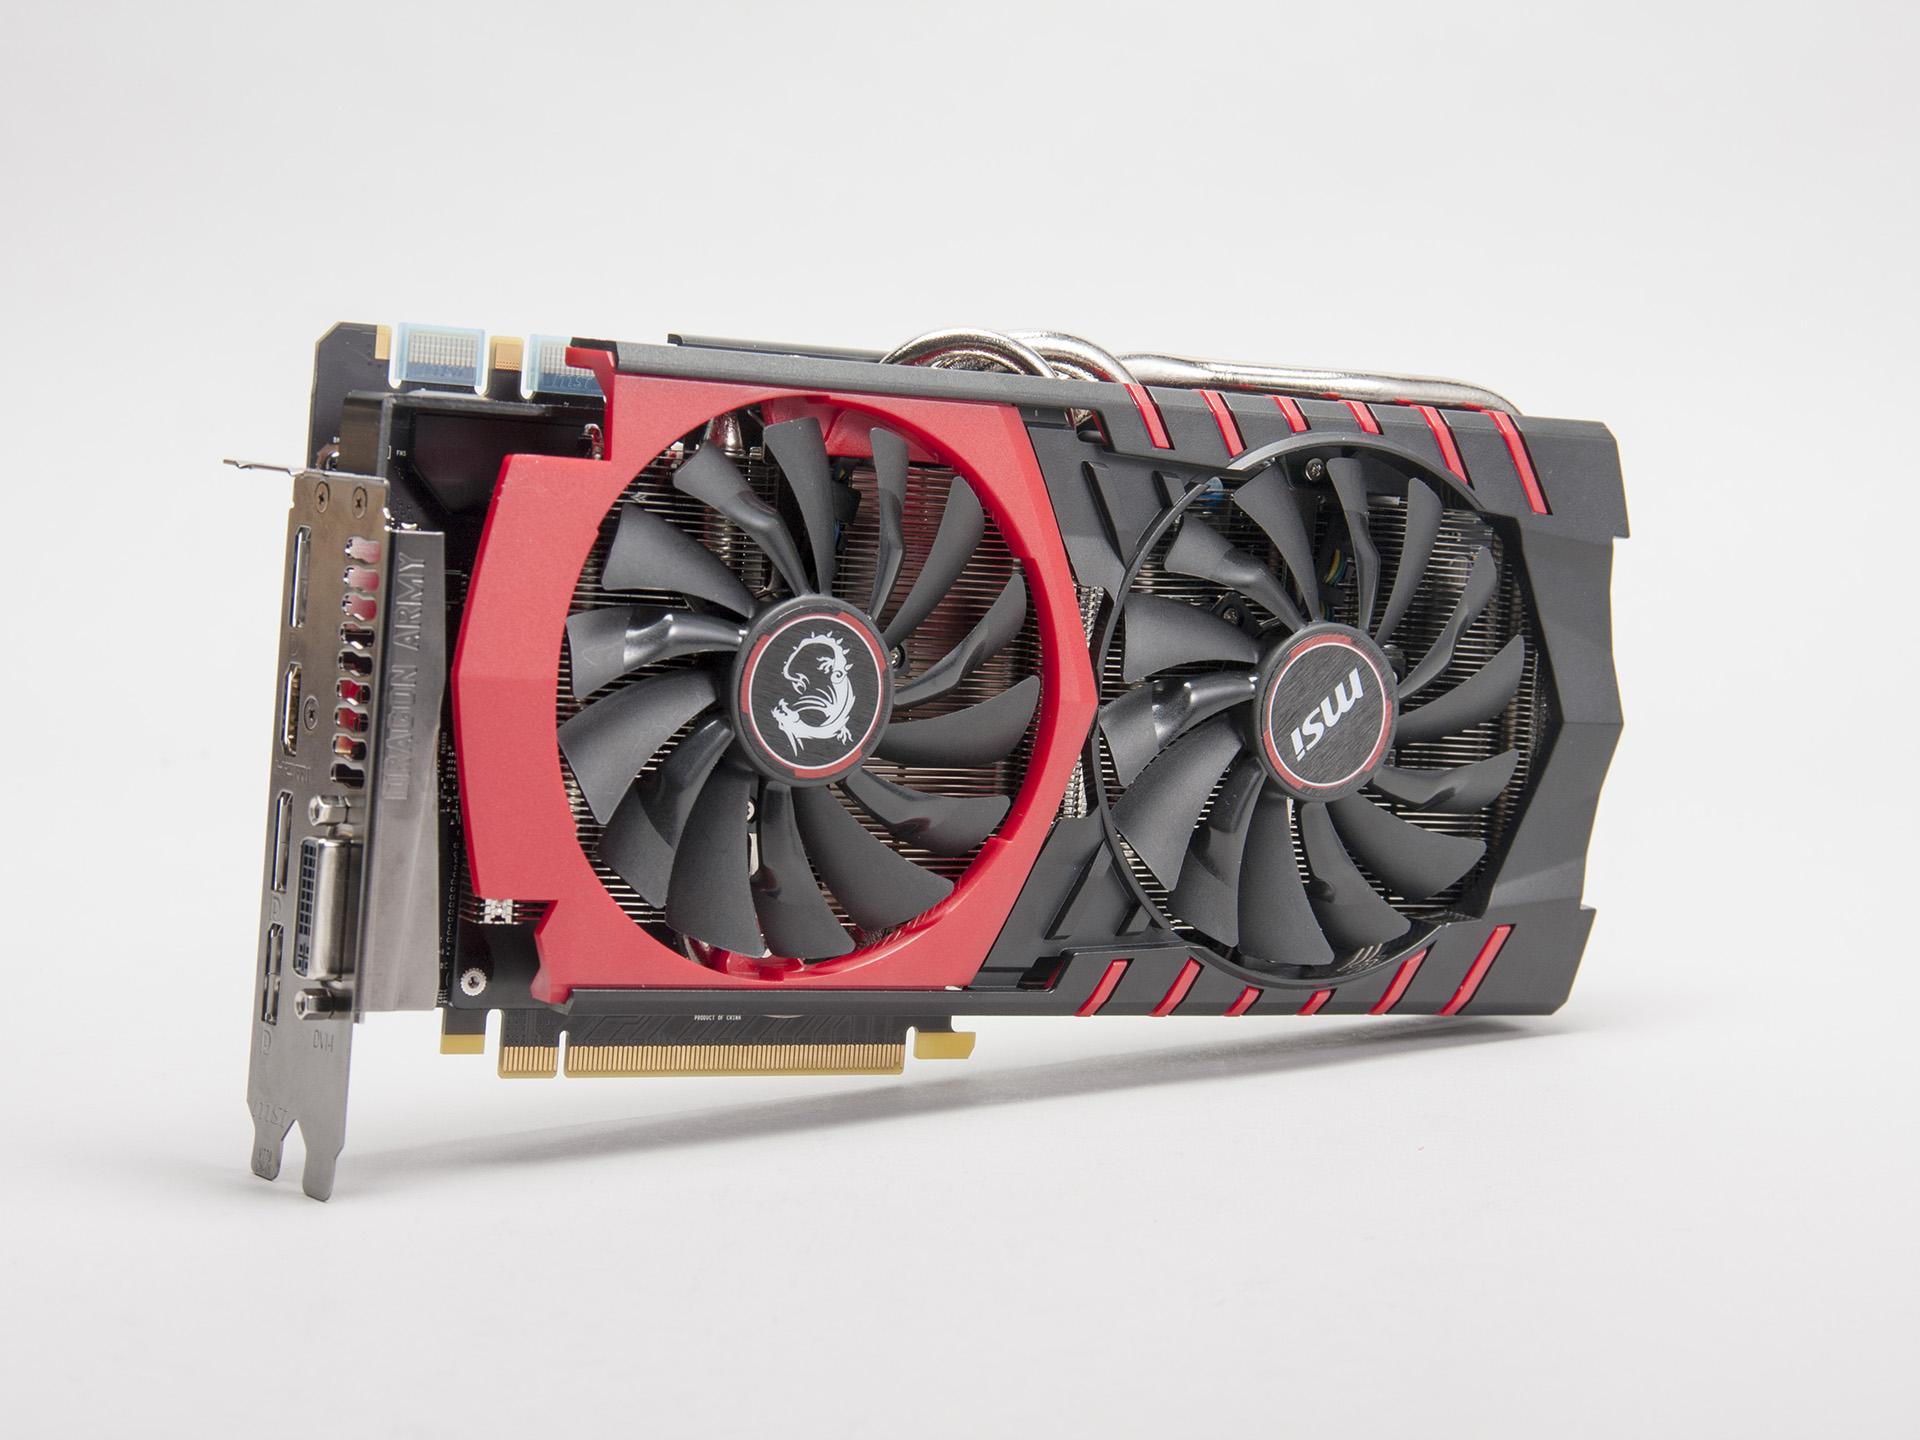 微星 GeForce GTX 980 Gaming 顯示卡,效能、設計完全解析